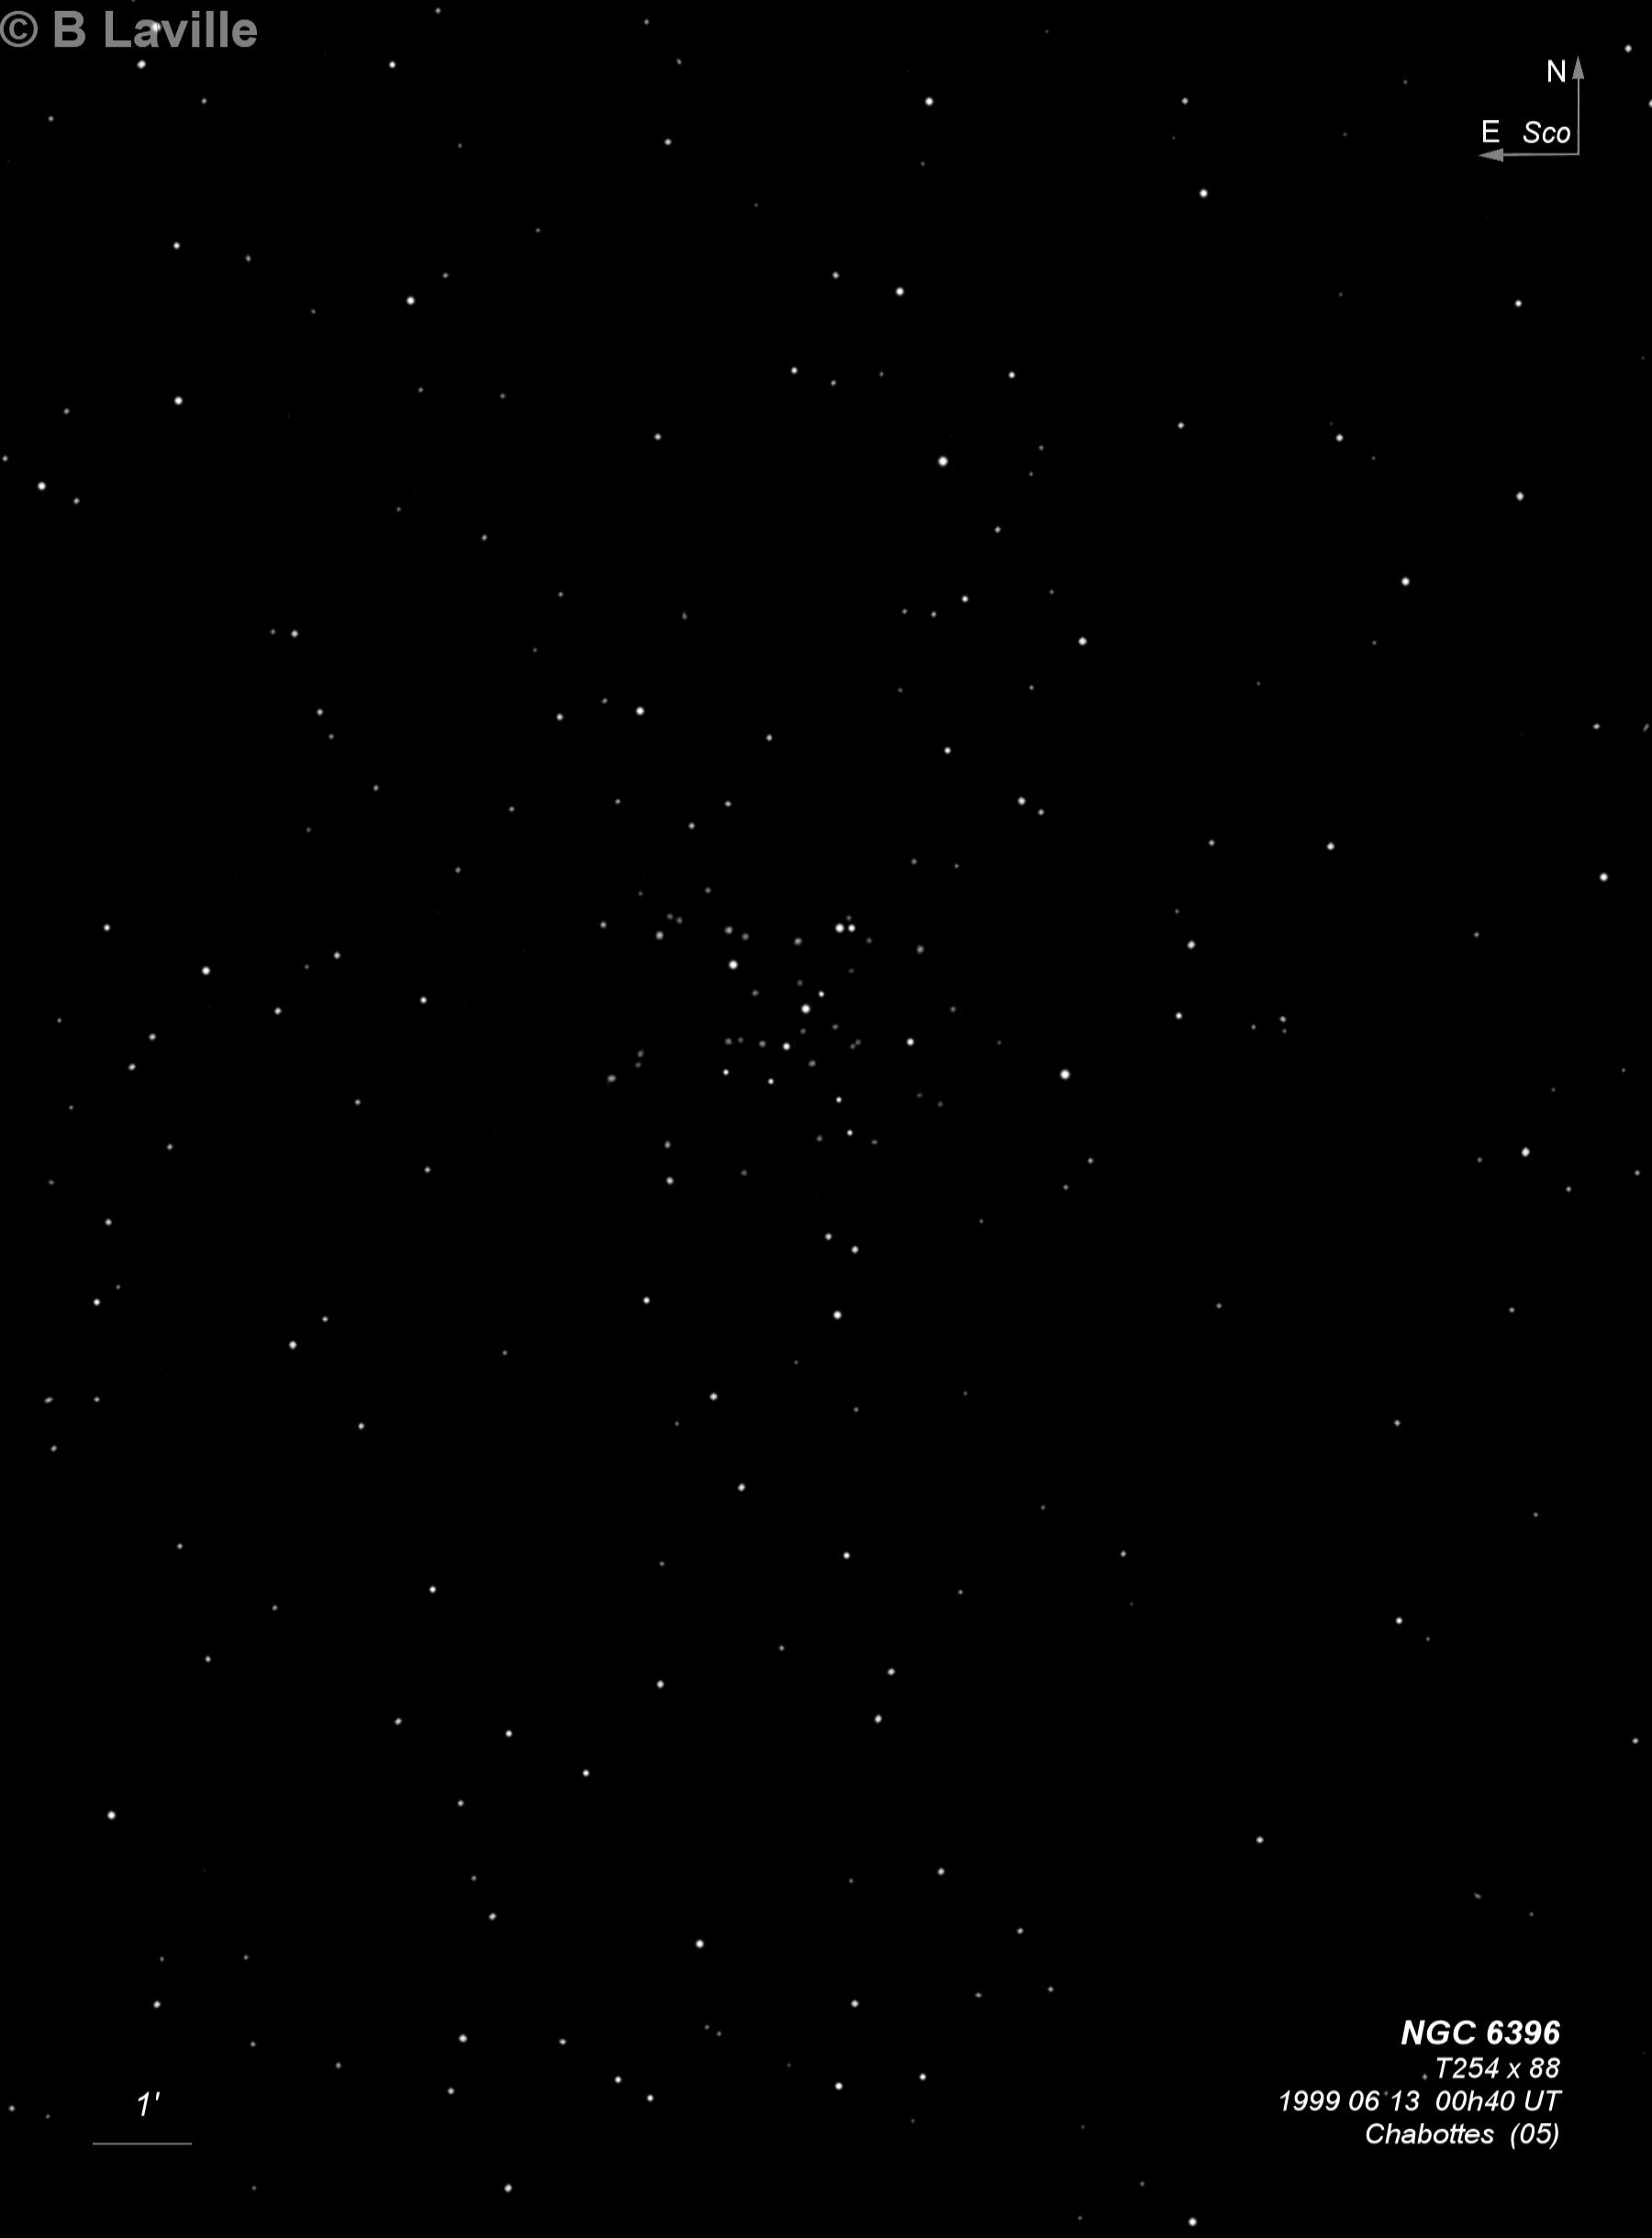 NGC 6396